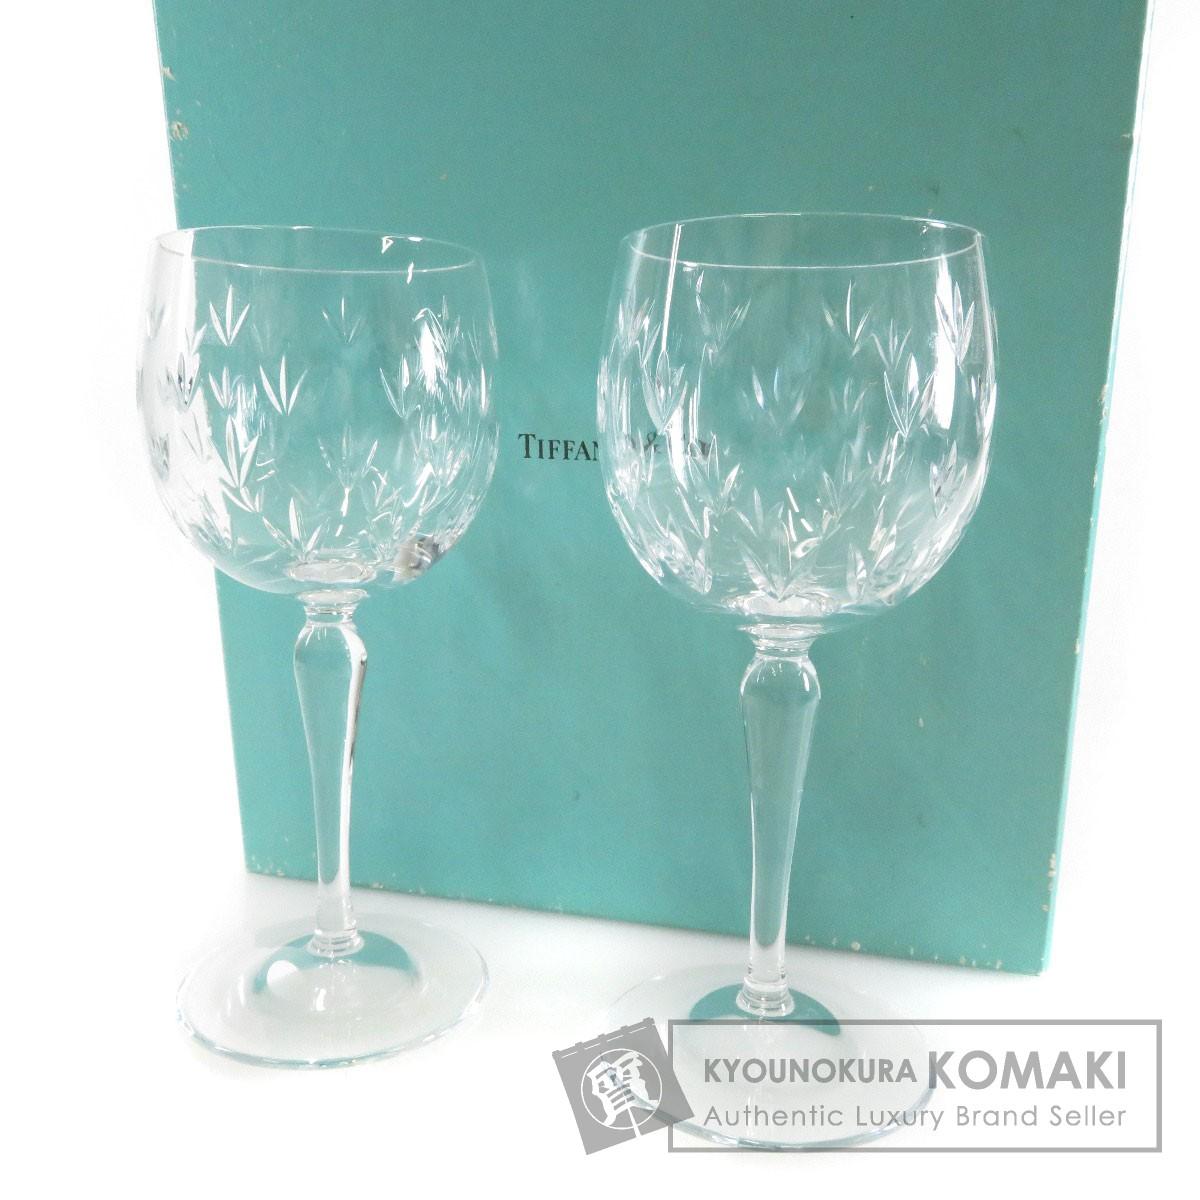 TIFFANY&Co. ペアワイングラス グラス クリスタル ユニセックス 【中古】【ティファニー】